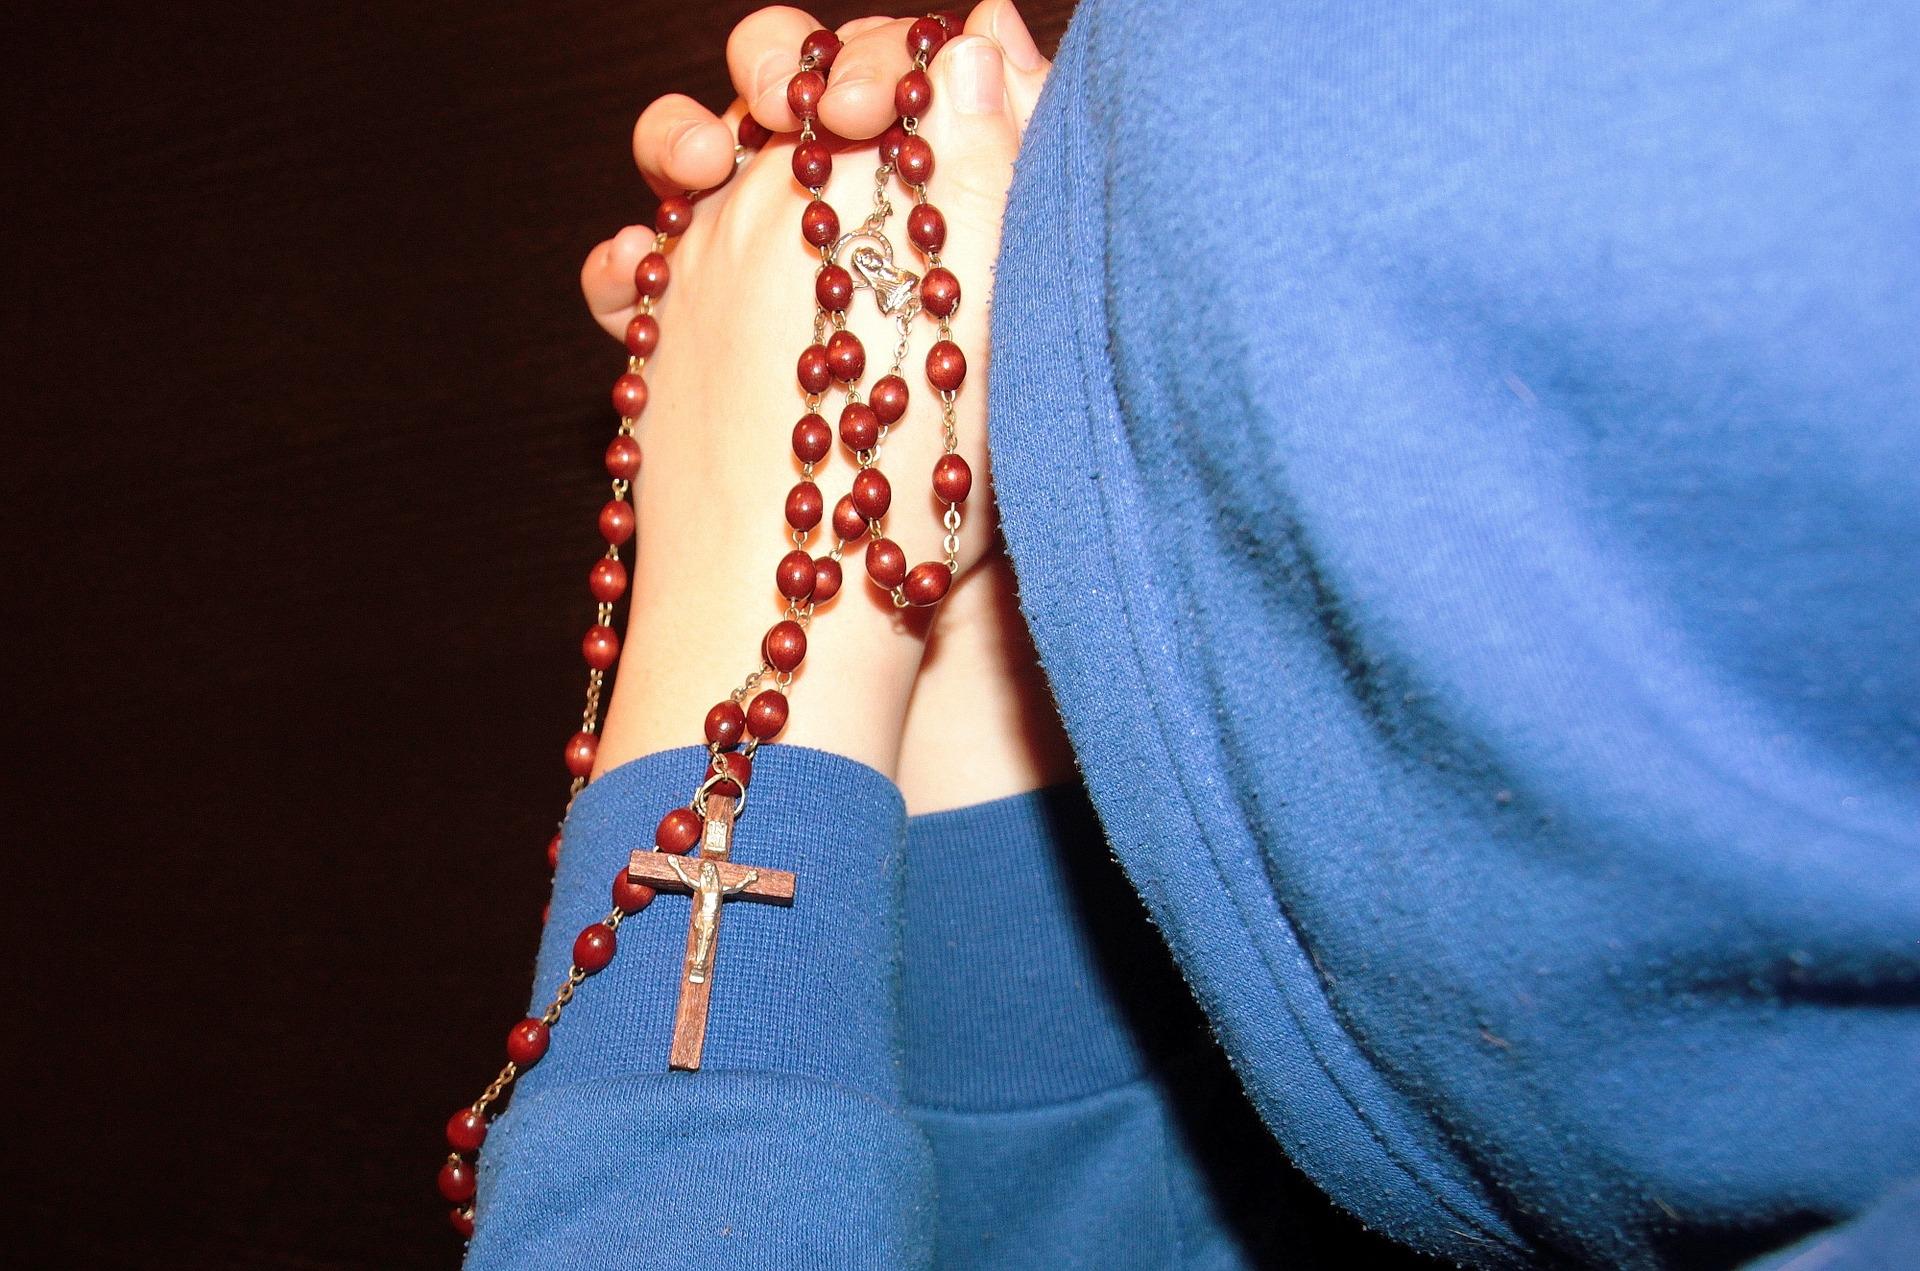 modlić się za żywych i umarłych, zdjęcie: aschenputtel@pixabay.com, CC-0